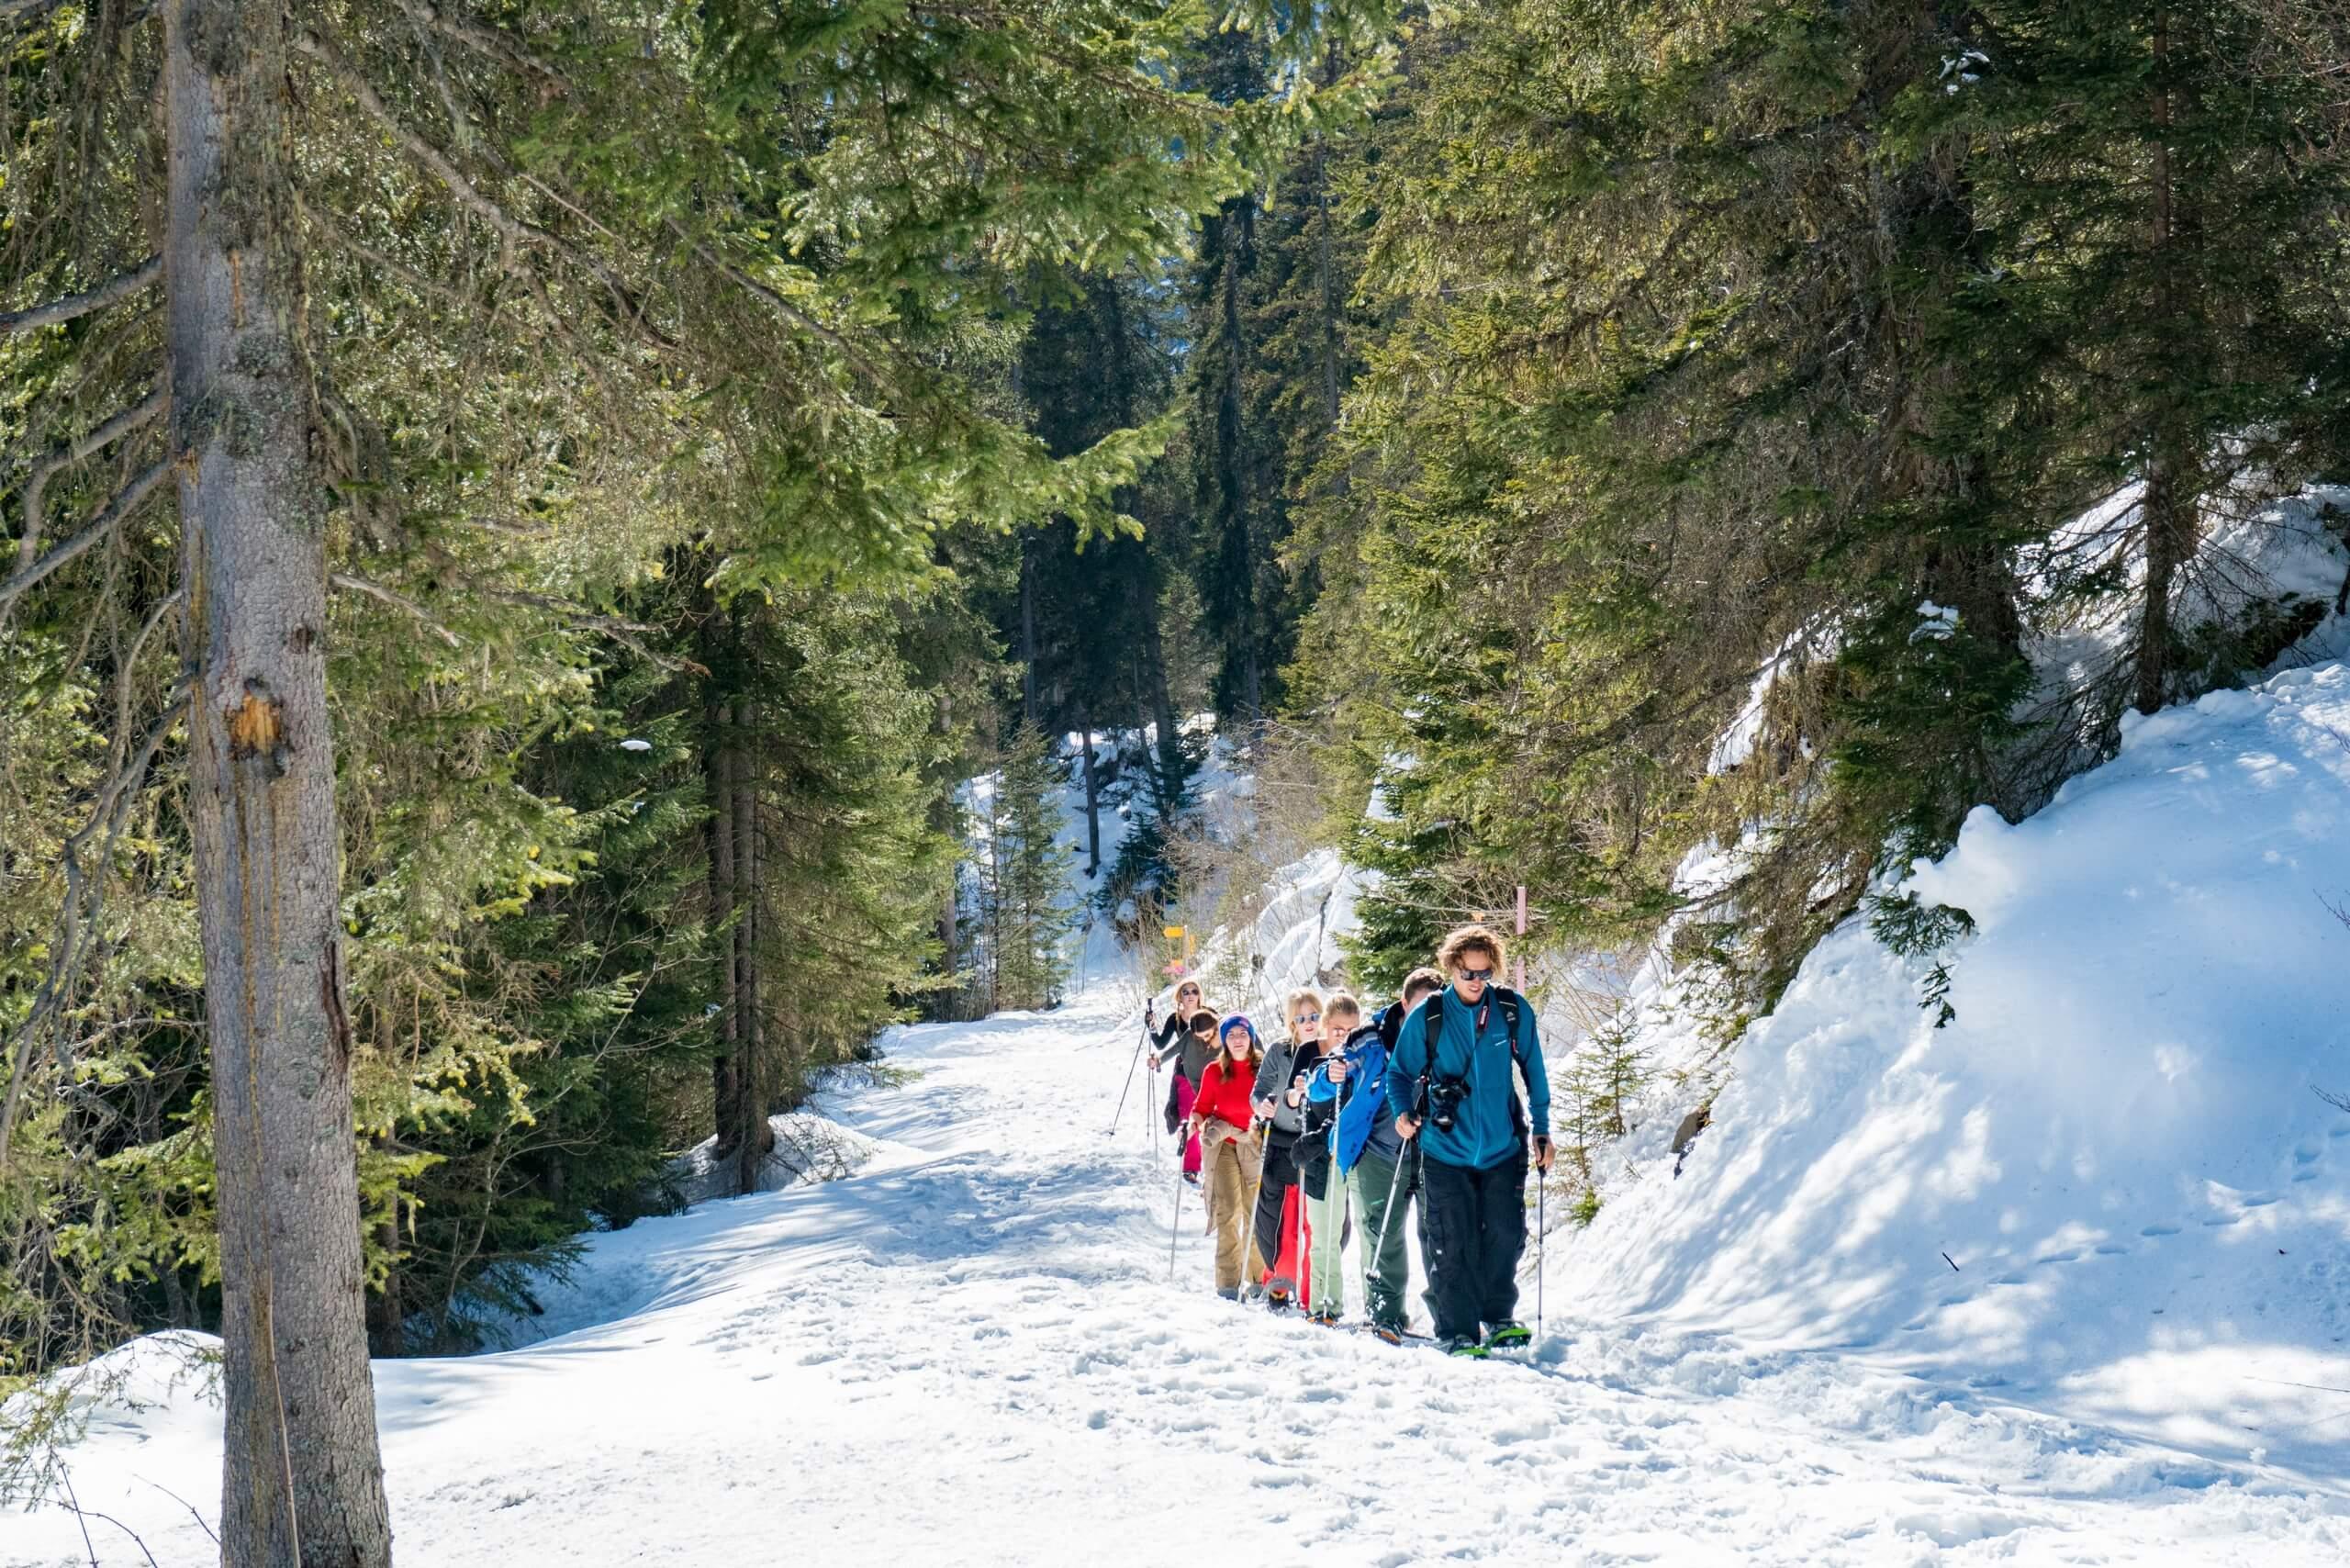 isenfluh-schneeschuhlaufen-outdoor-interlaken-gefuehrte-tour